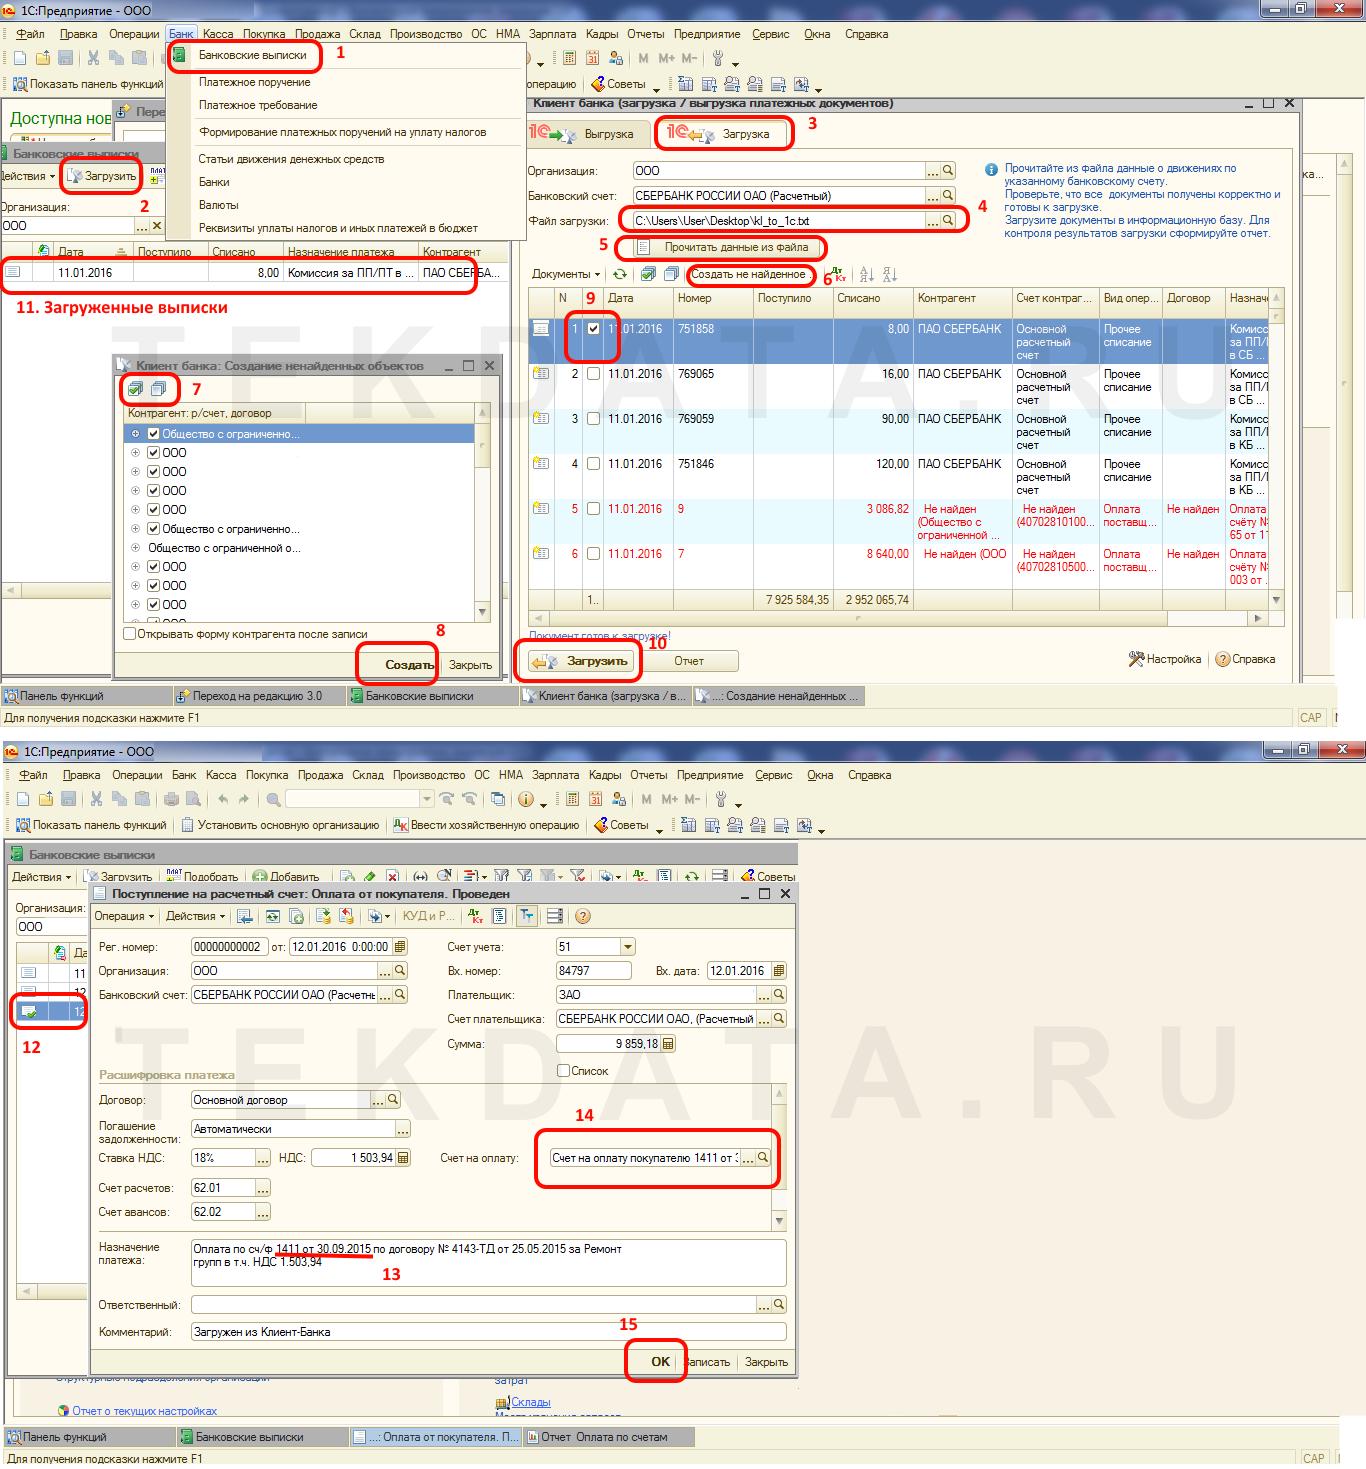 Как загрузить данные из банковской системы в 1С Бухгалтерию 8.2